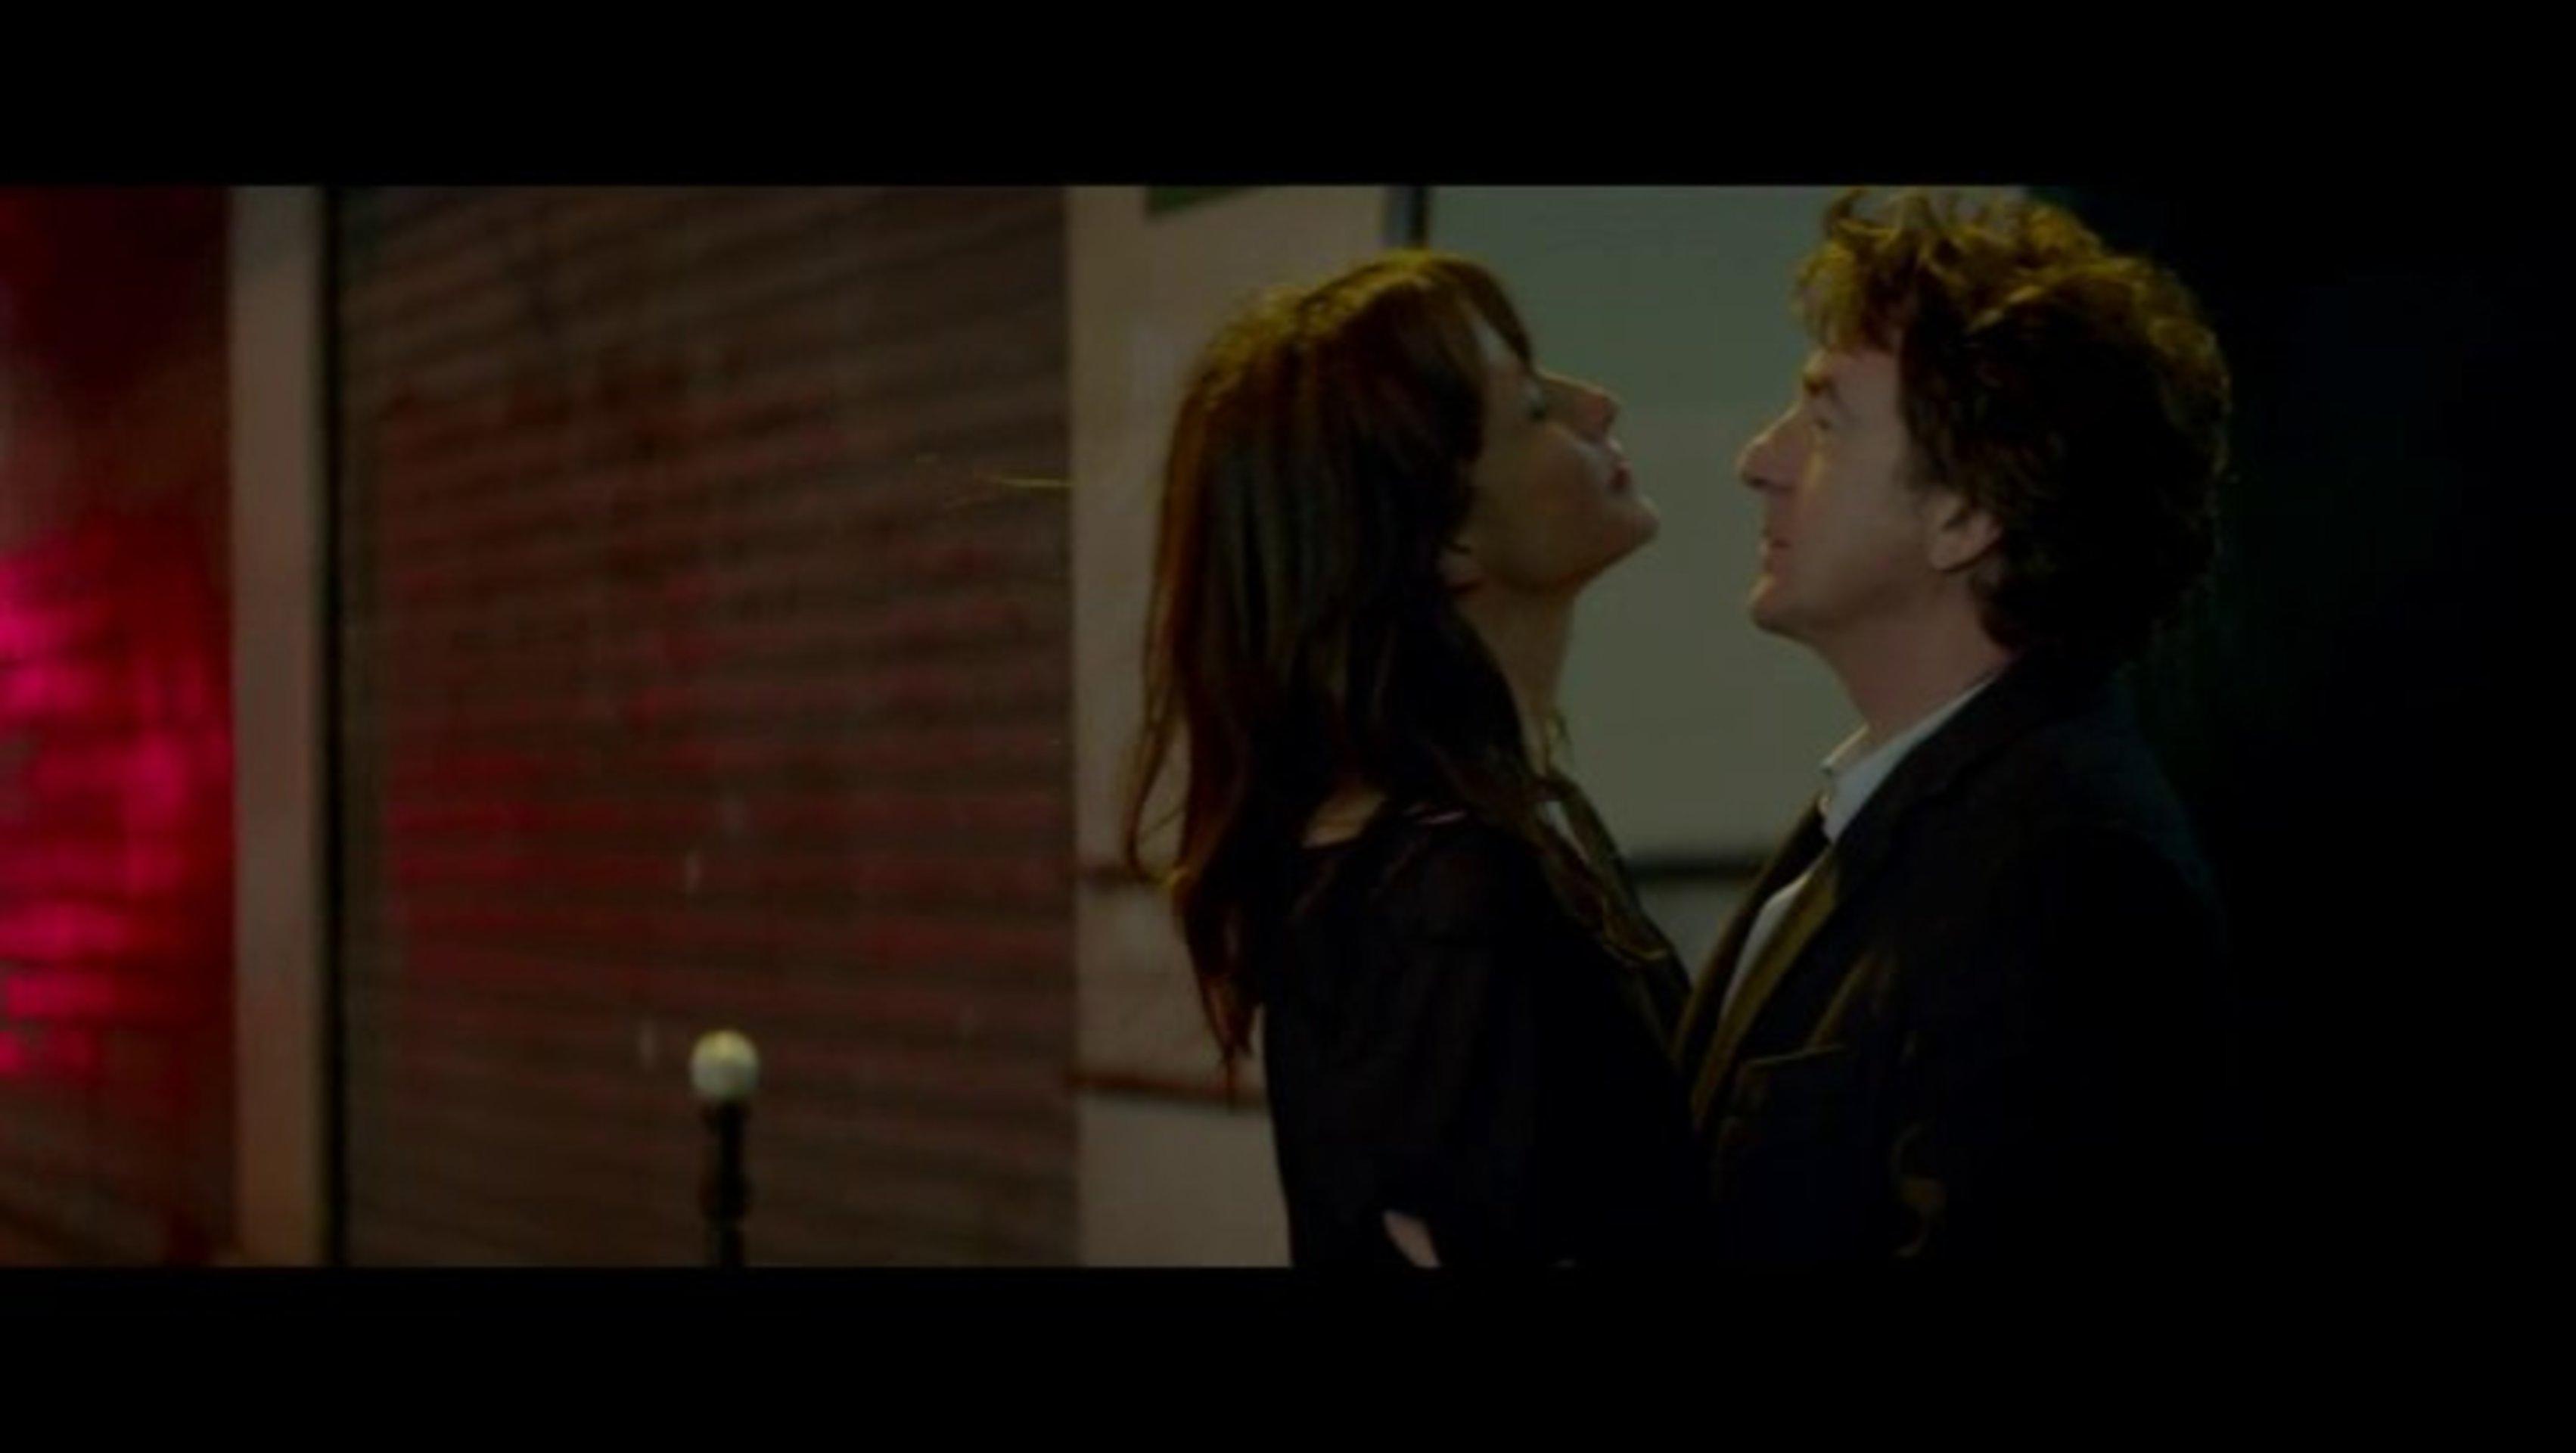 Ein Augenblick Liebe Film (2014) · Trailer · Kritik · KINO.de